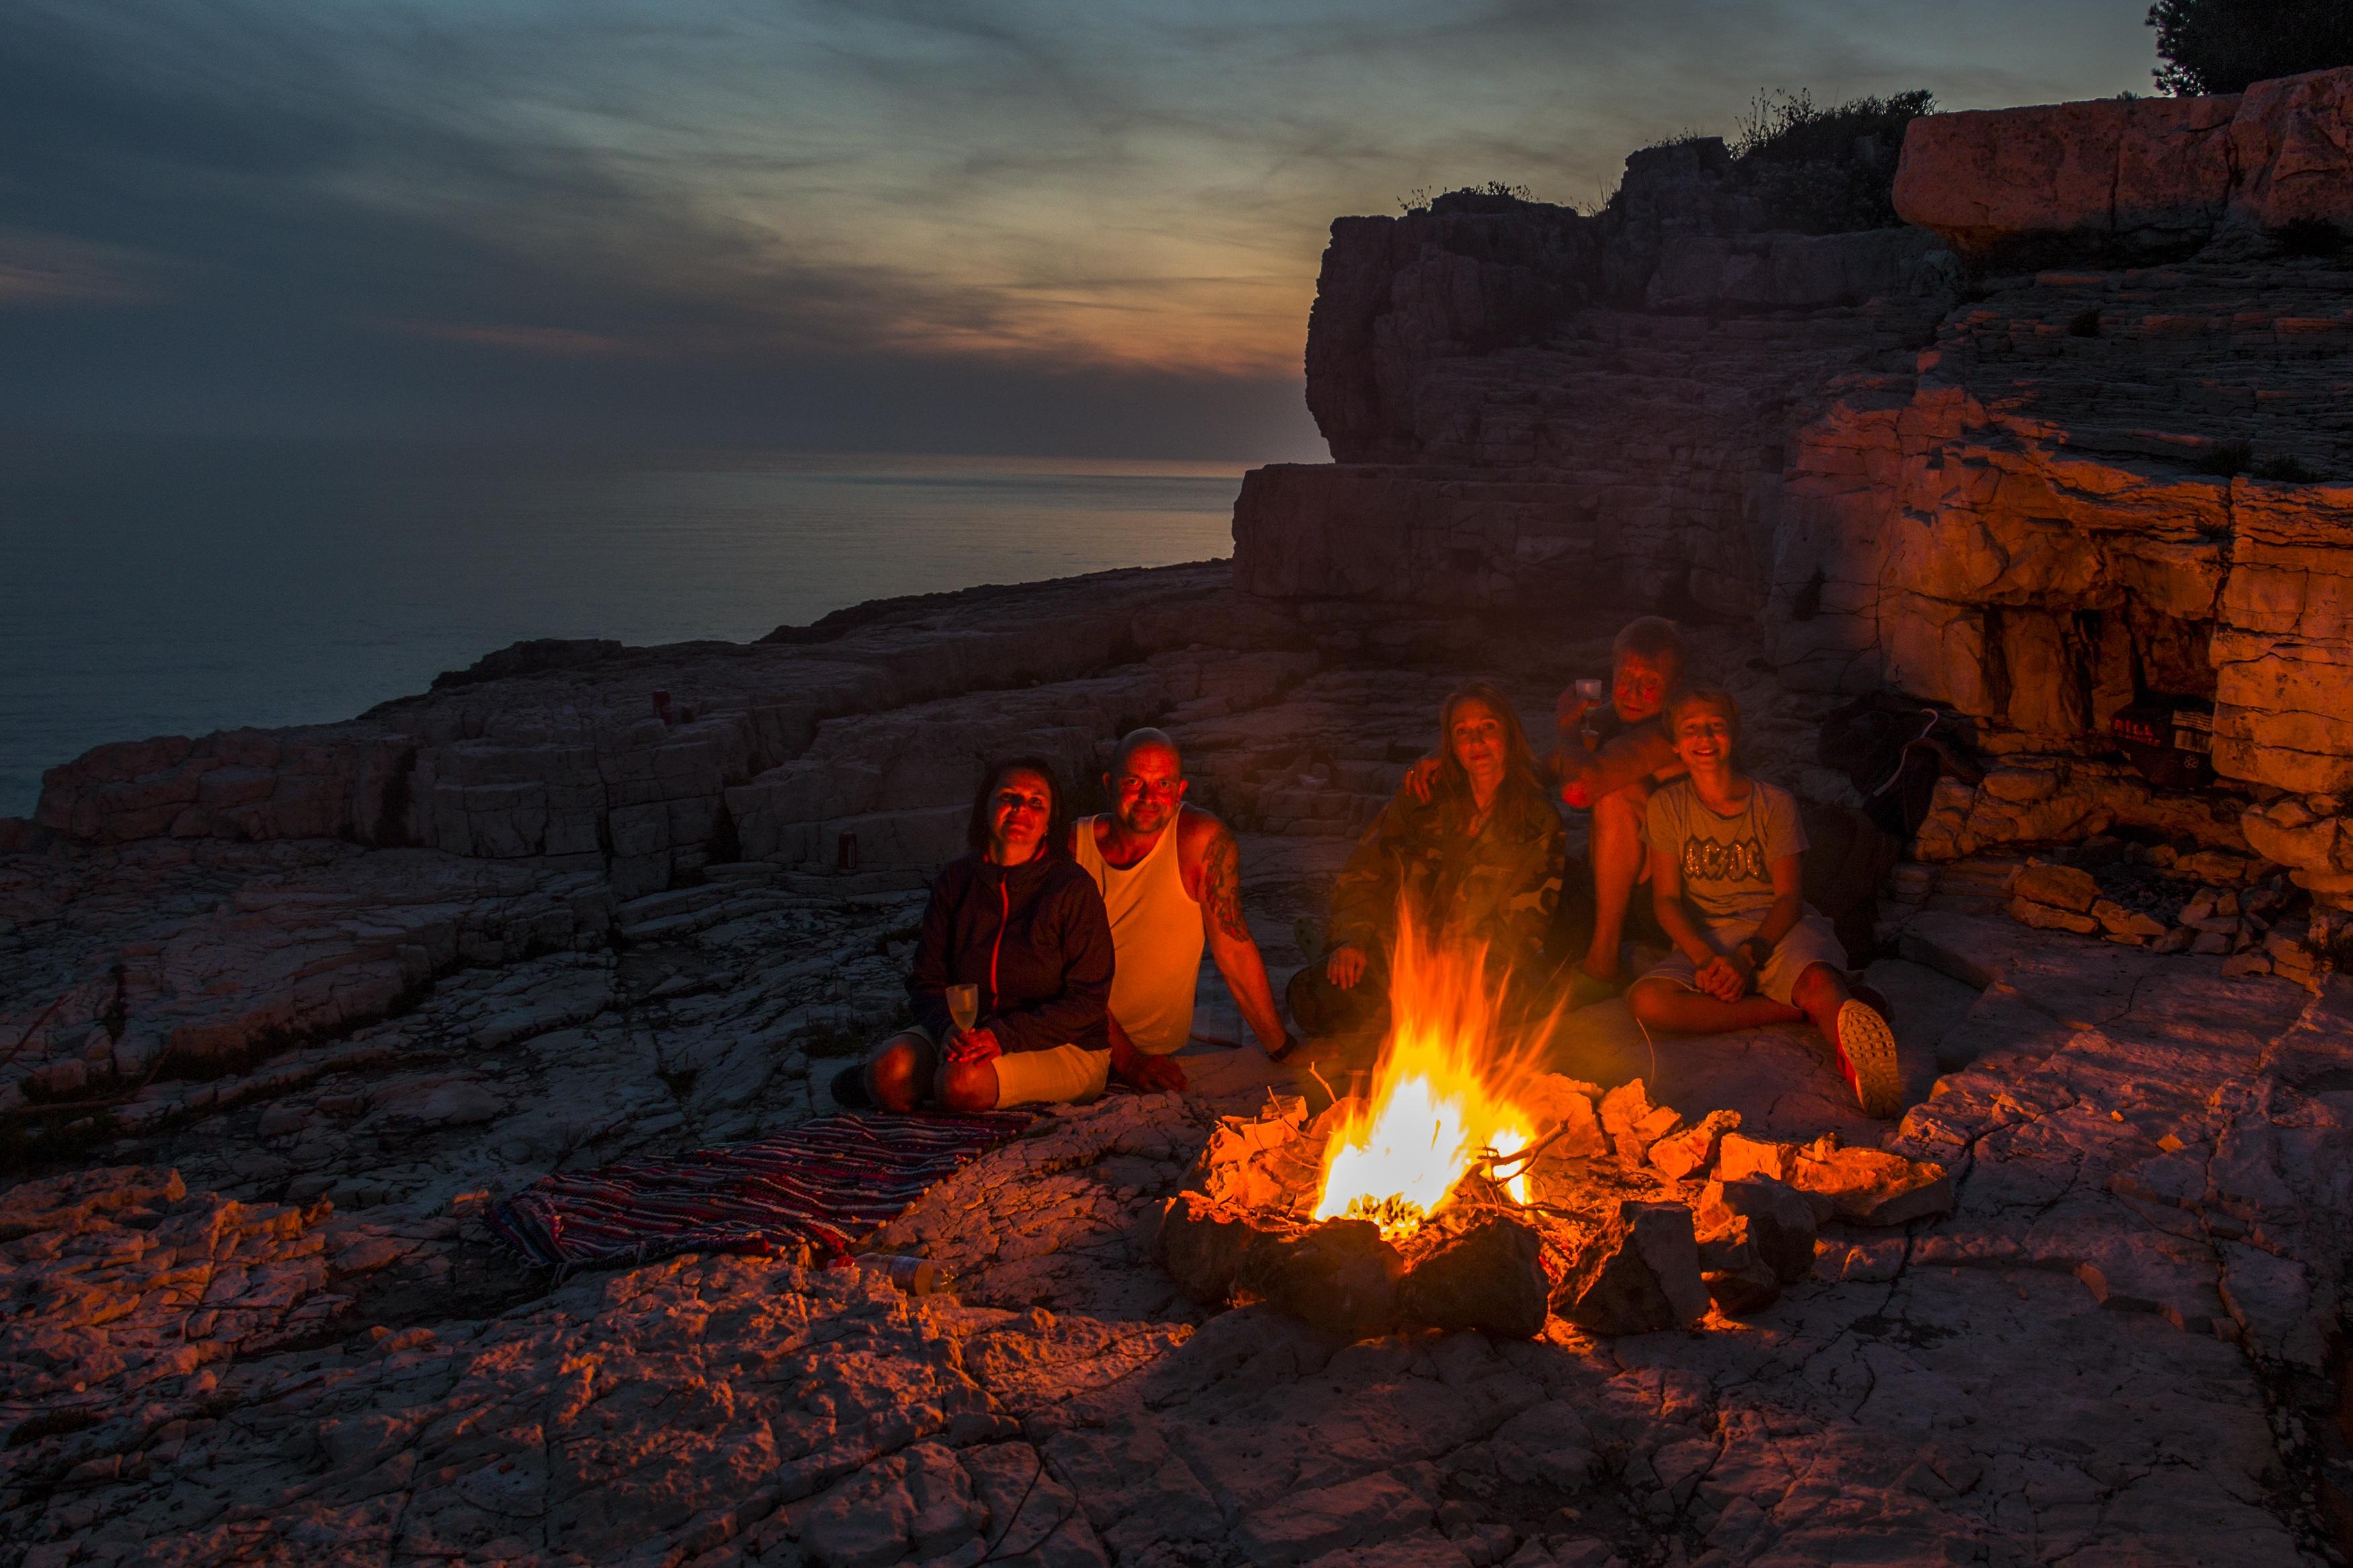 Gratis Afbeeldingen : rots, hout, avontuur, vorming, avond, vlam ...